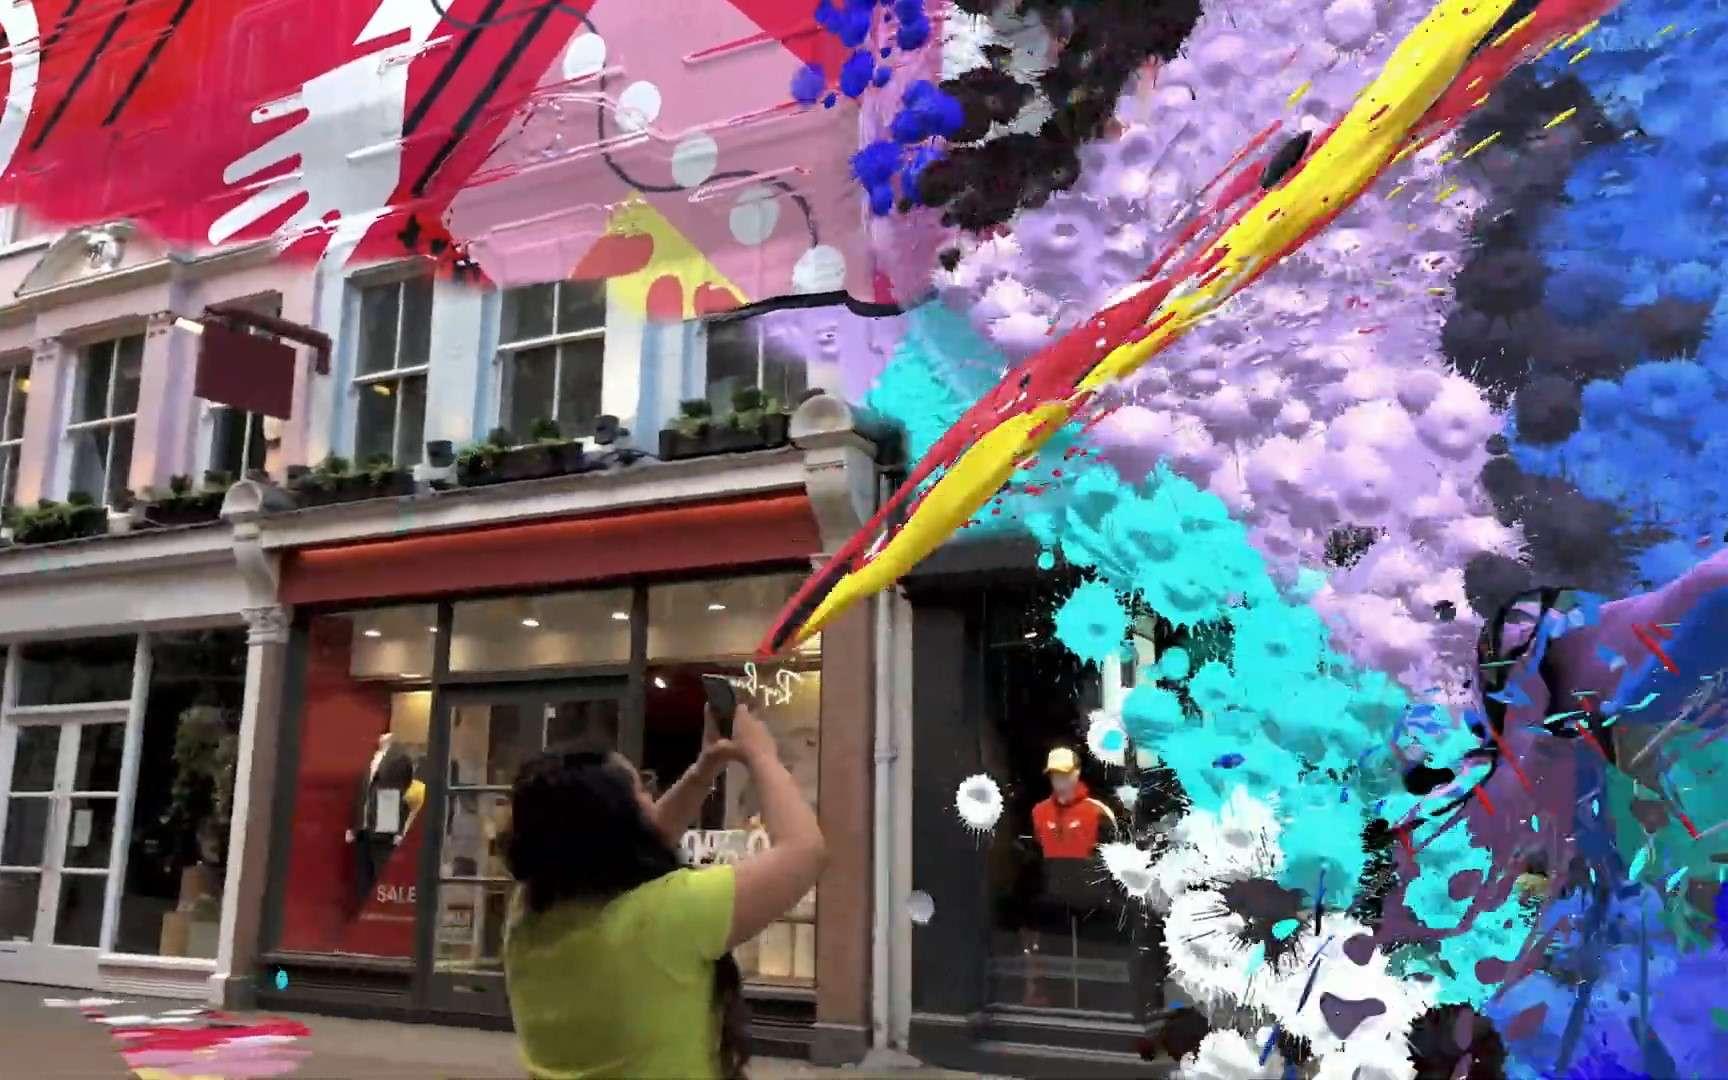 City Painter, la première des « Local Lenses » de Snapchat, permet de repeindre les rues. © Snap